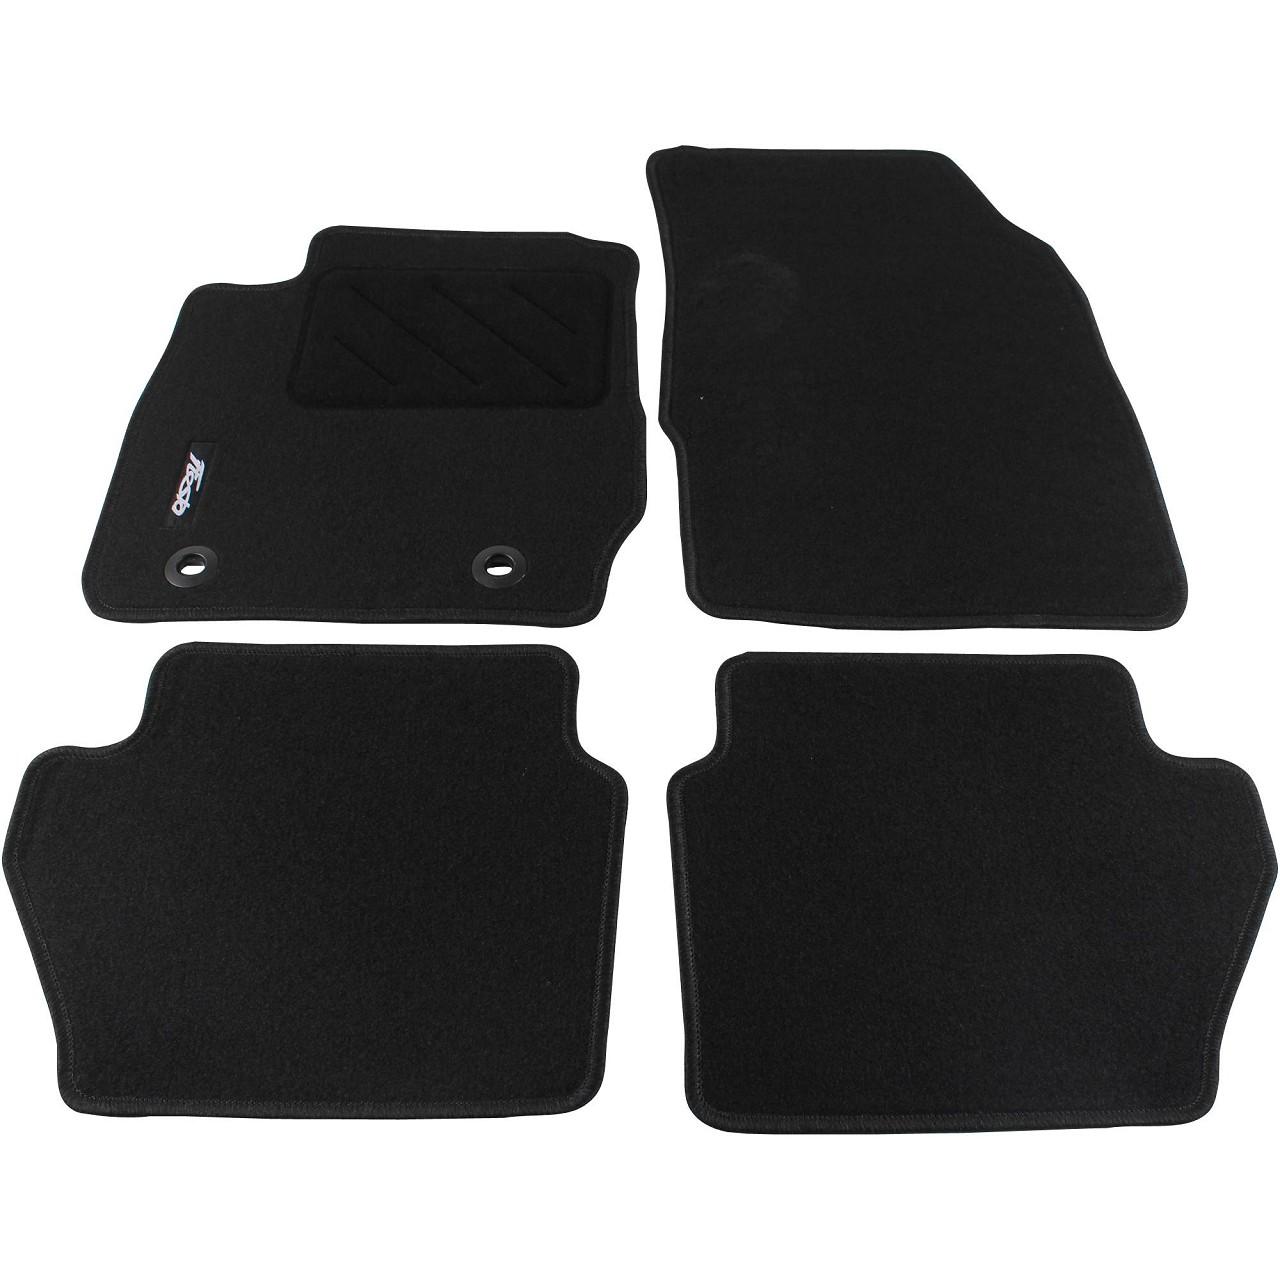 ORIGINAL Ford Textilmatten Fußmatten Satz FIESTA VI bis 02.2011 4-teilig 1526897